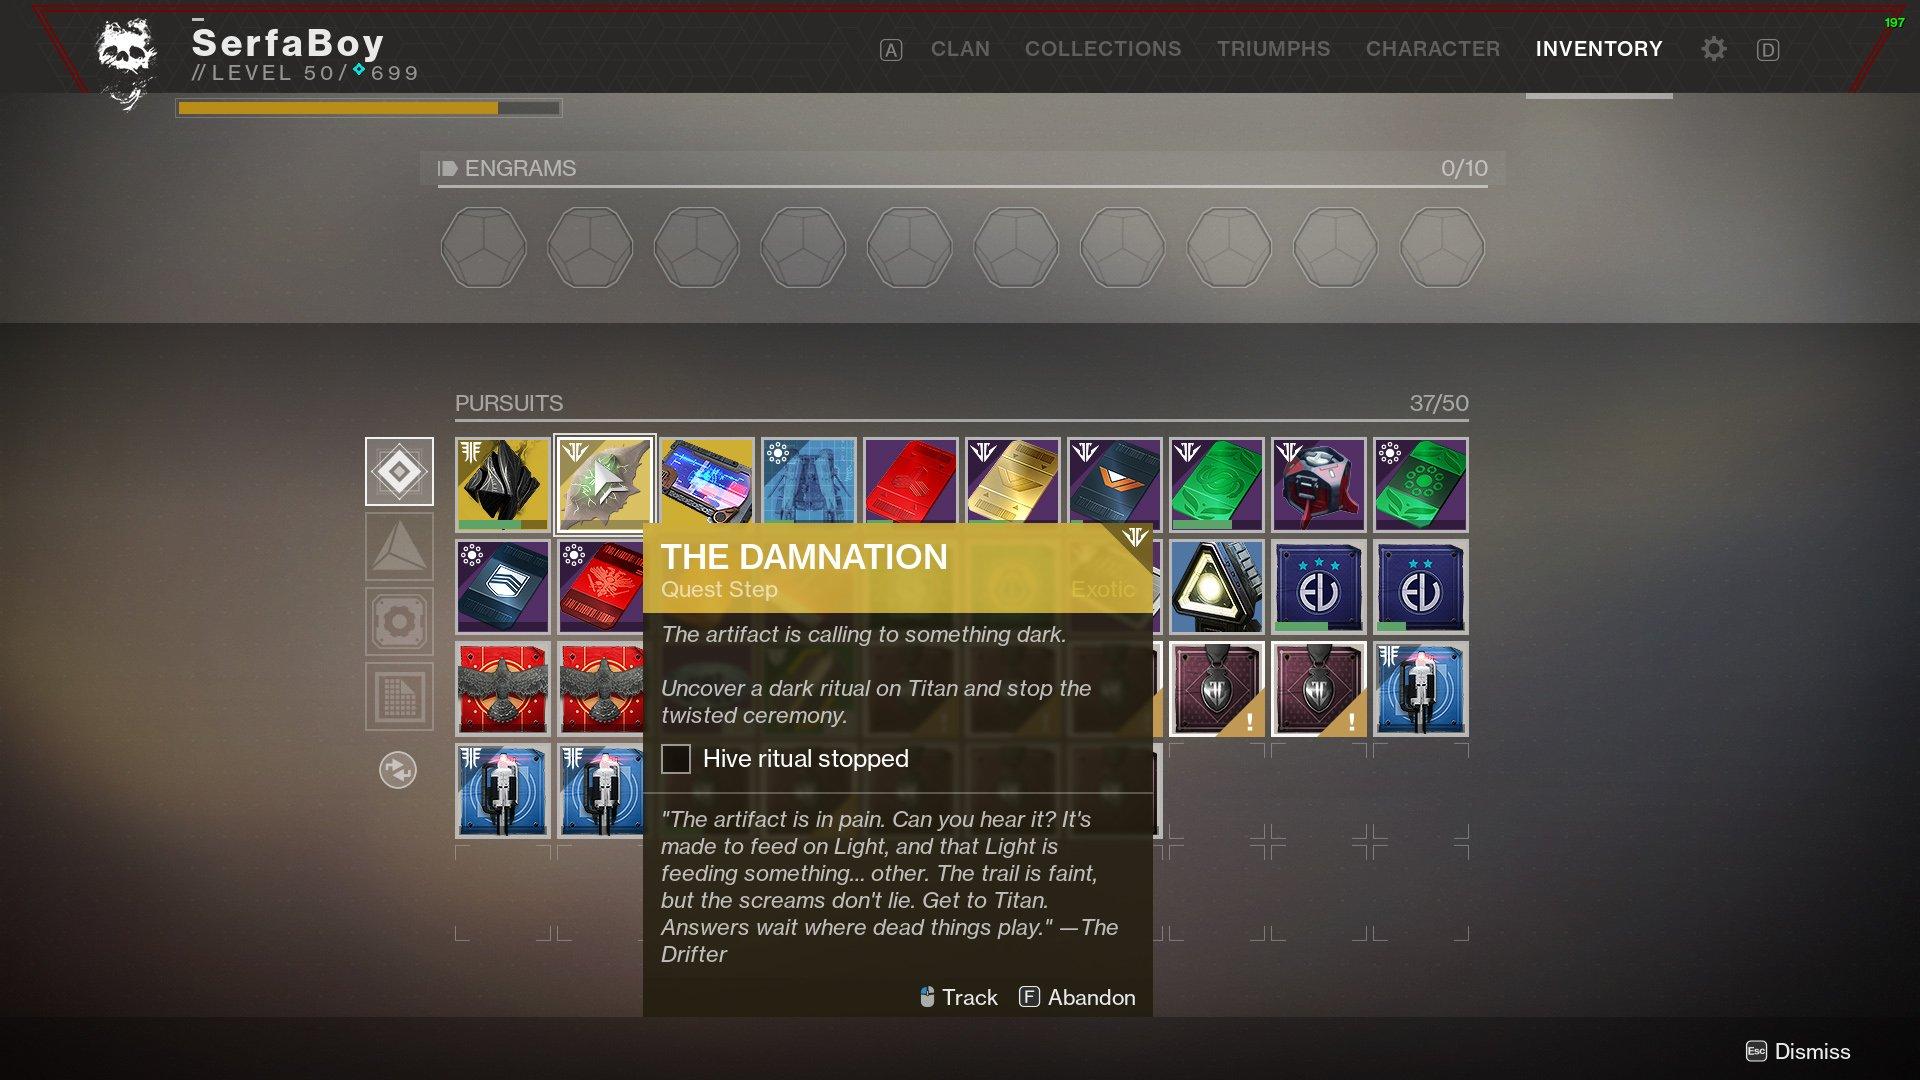 Destiny 2 Exotic quests